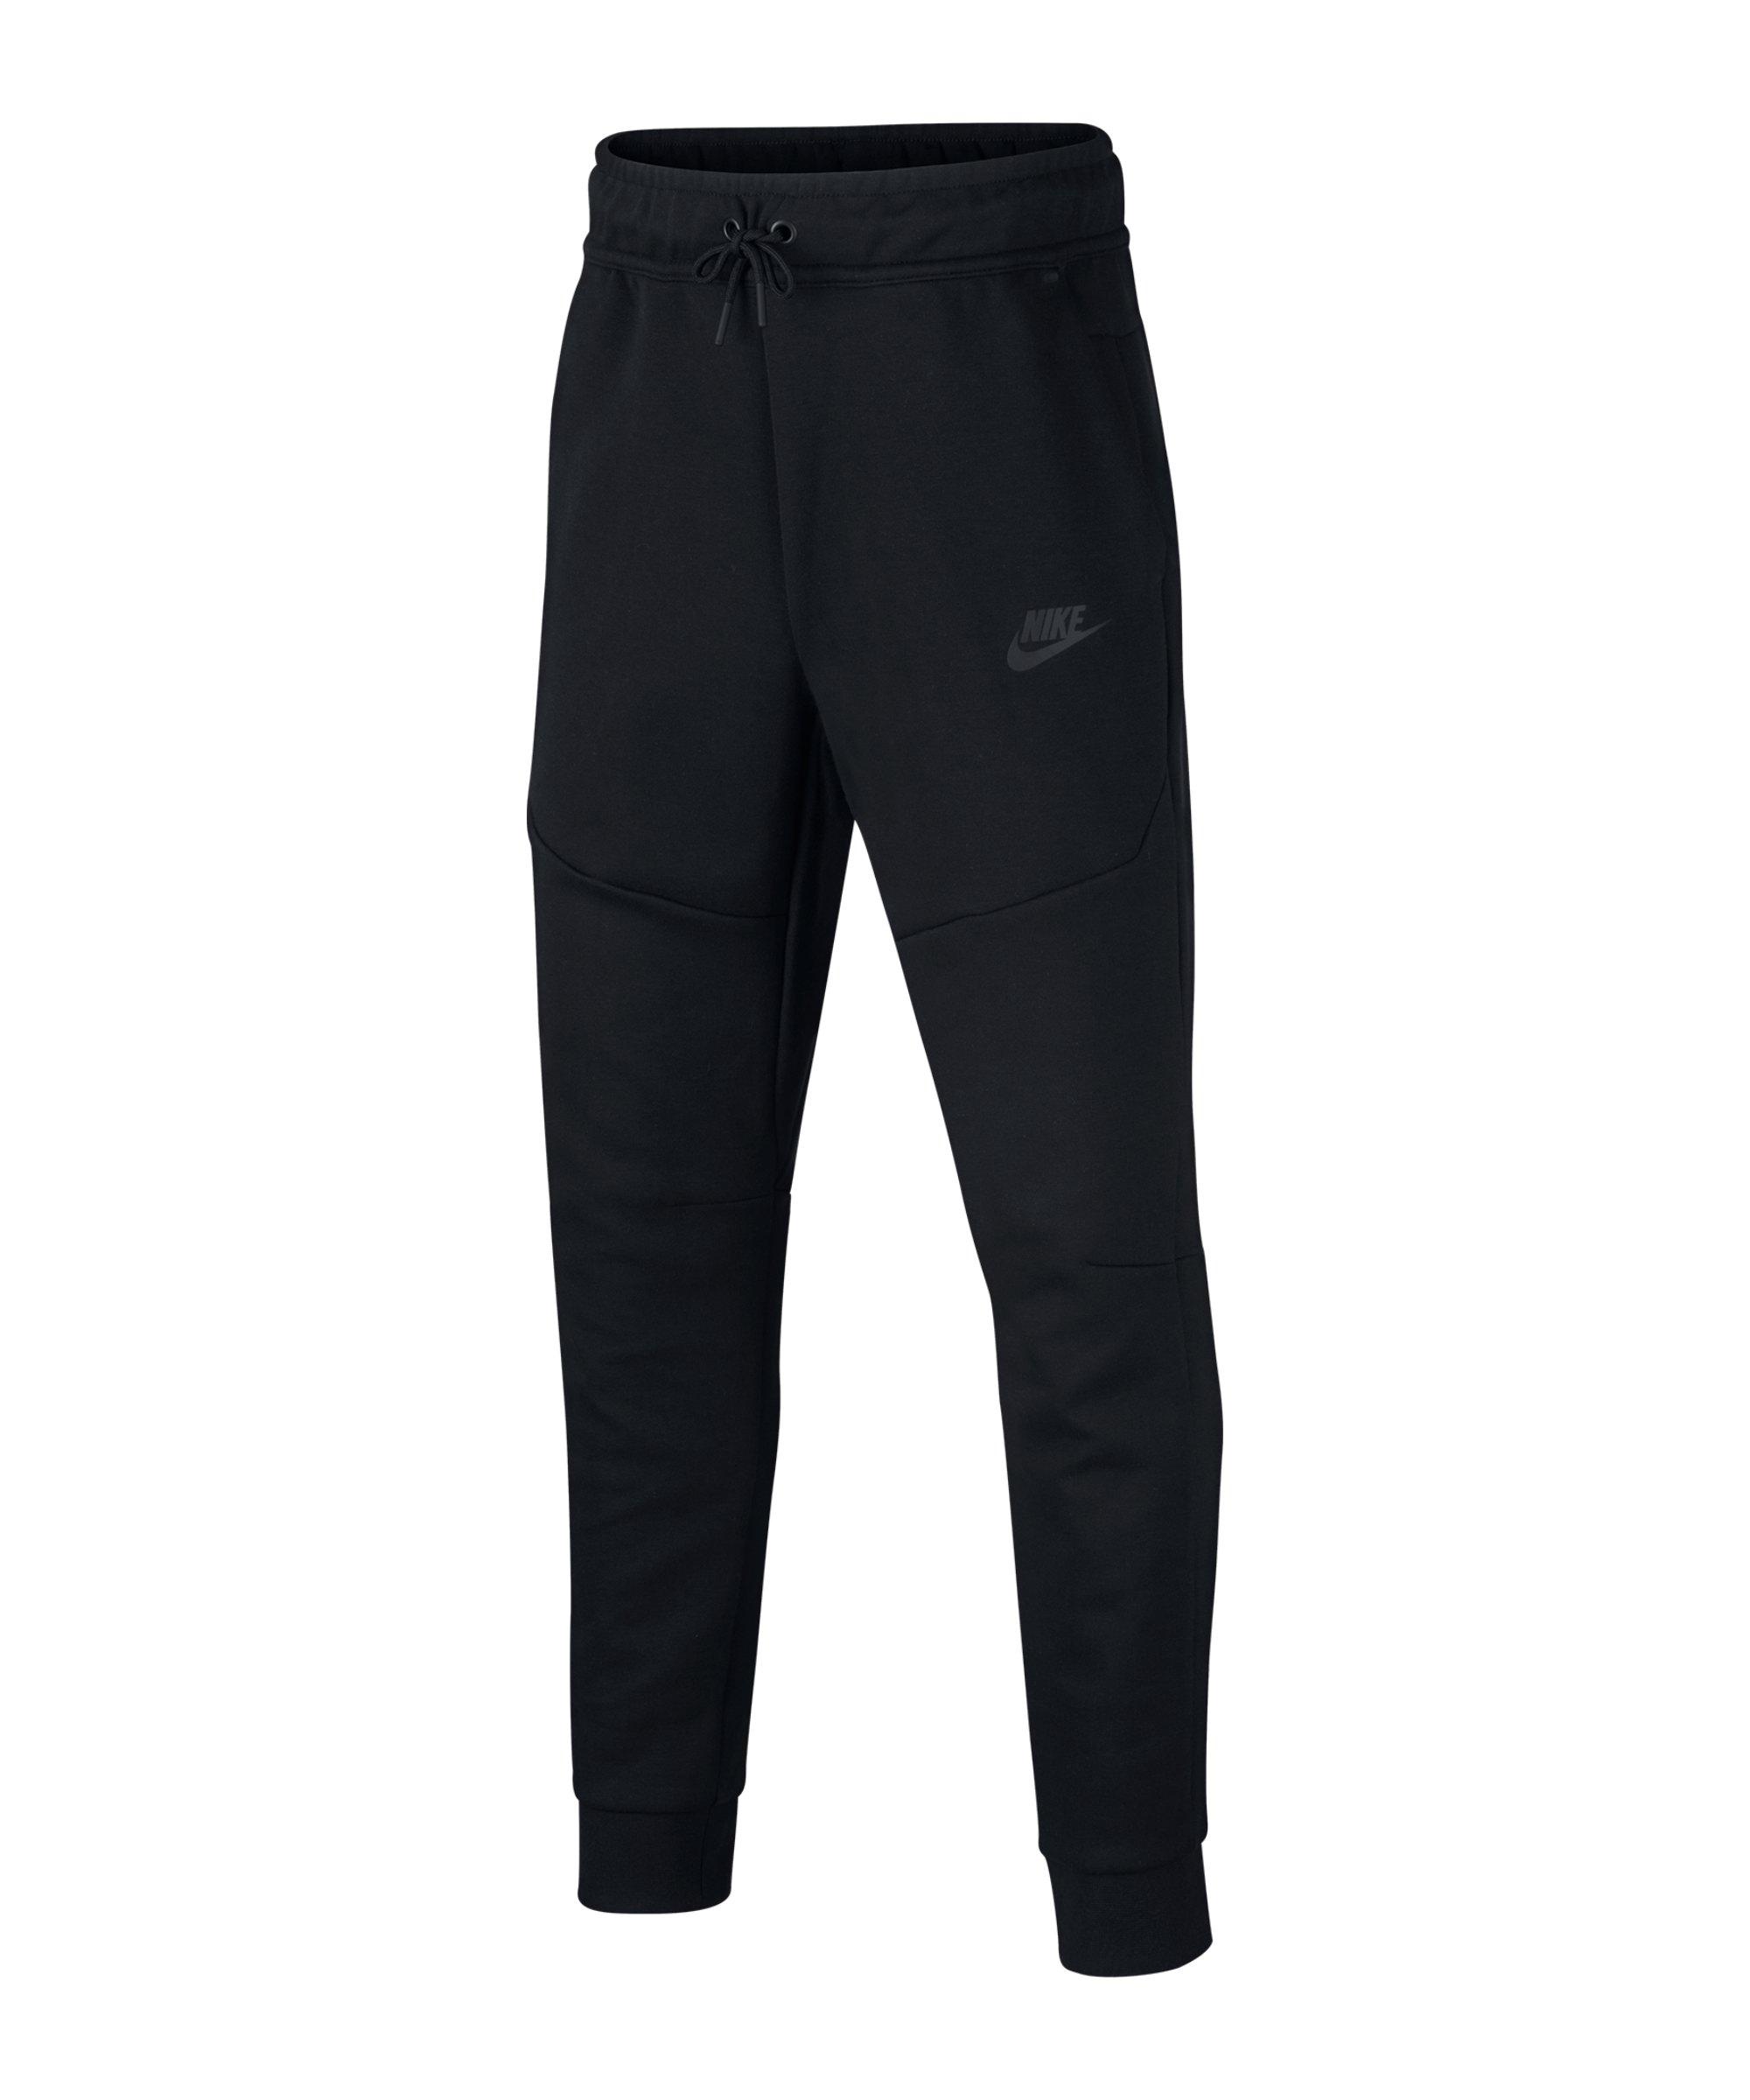 Nike Tech Fleece Jogginghose Kids F010 - schwarz